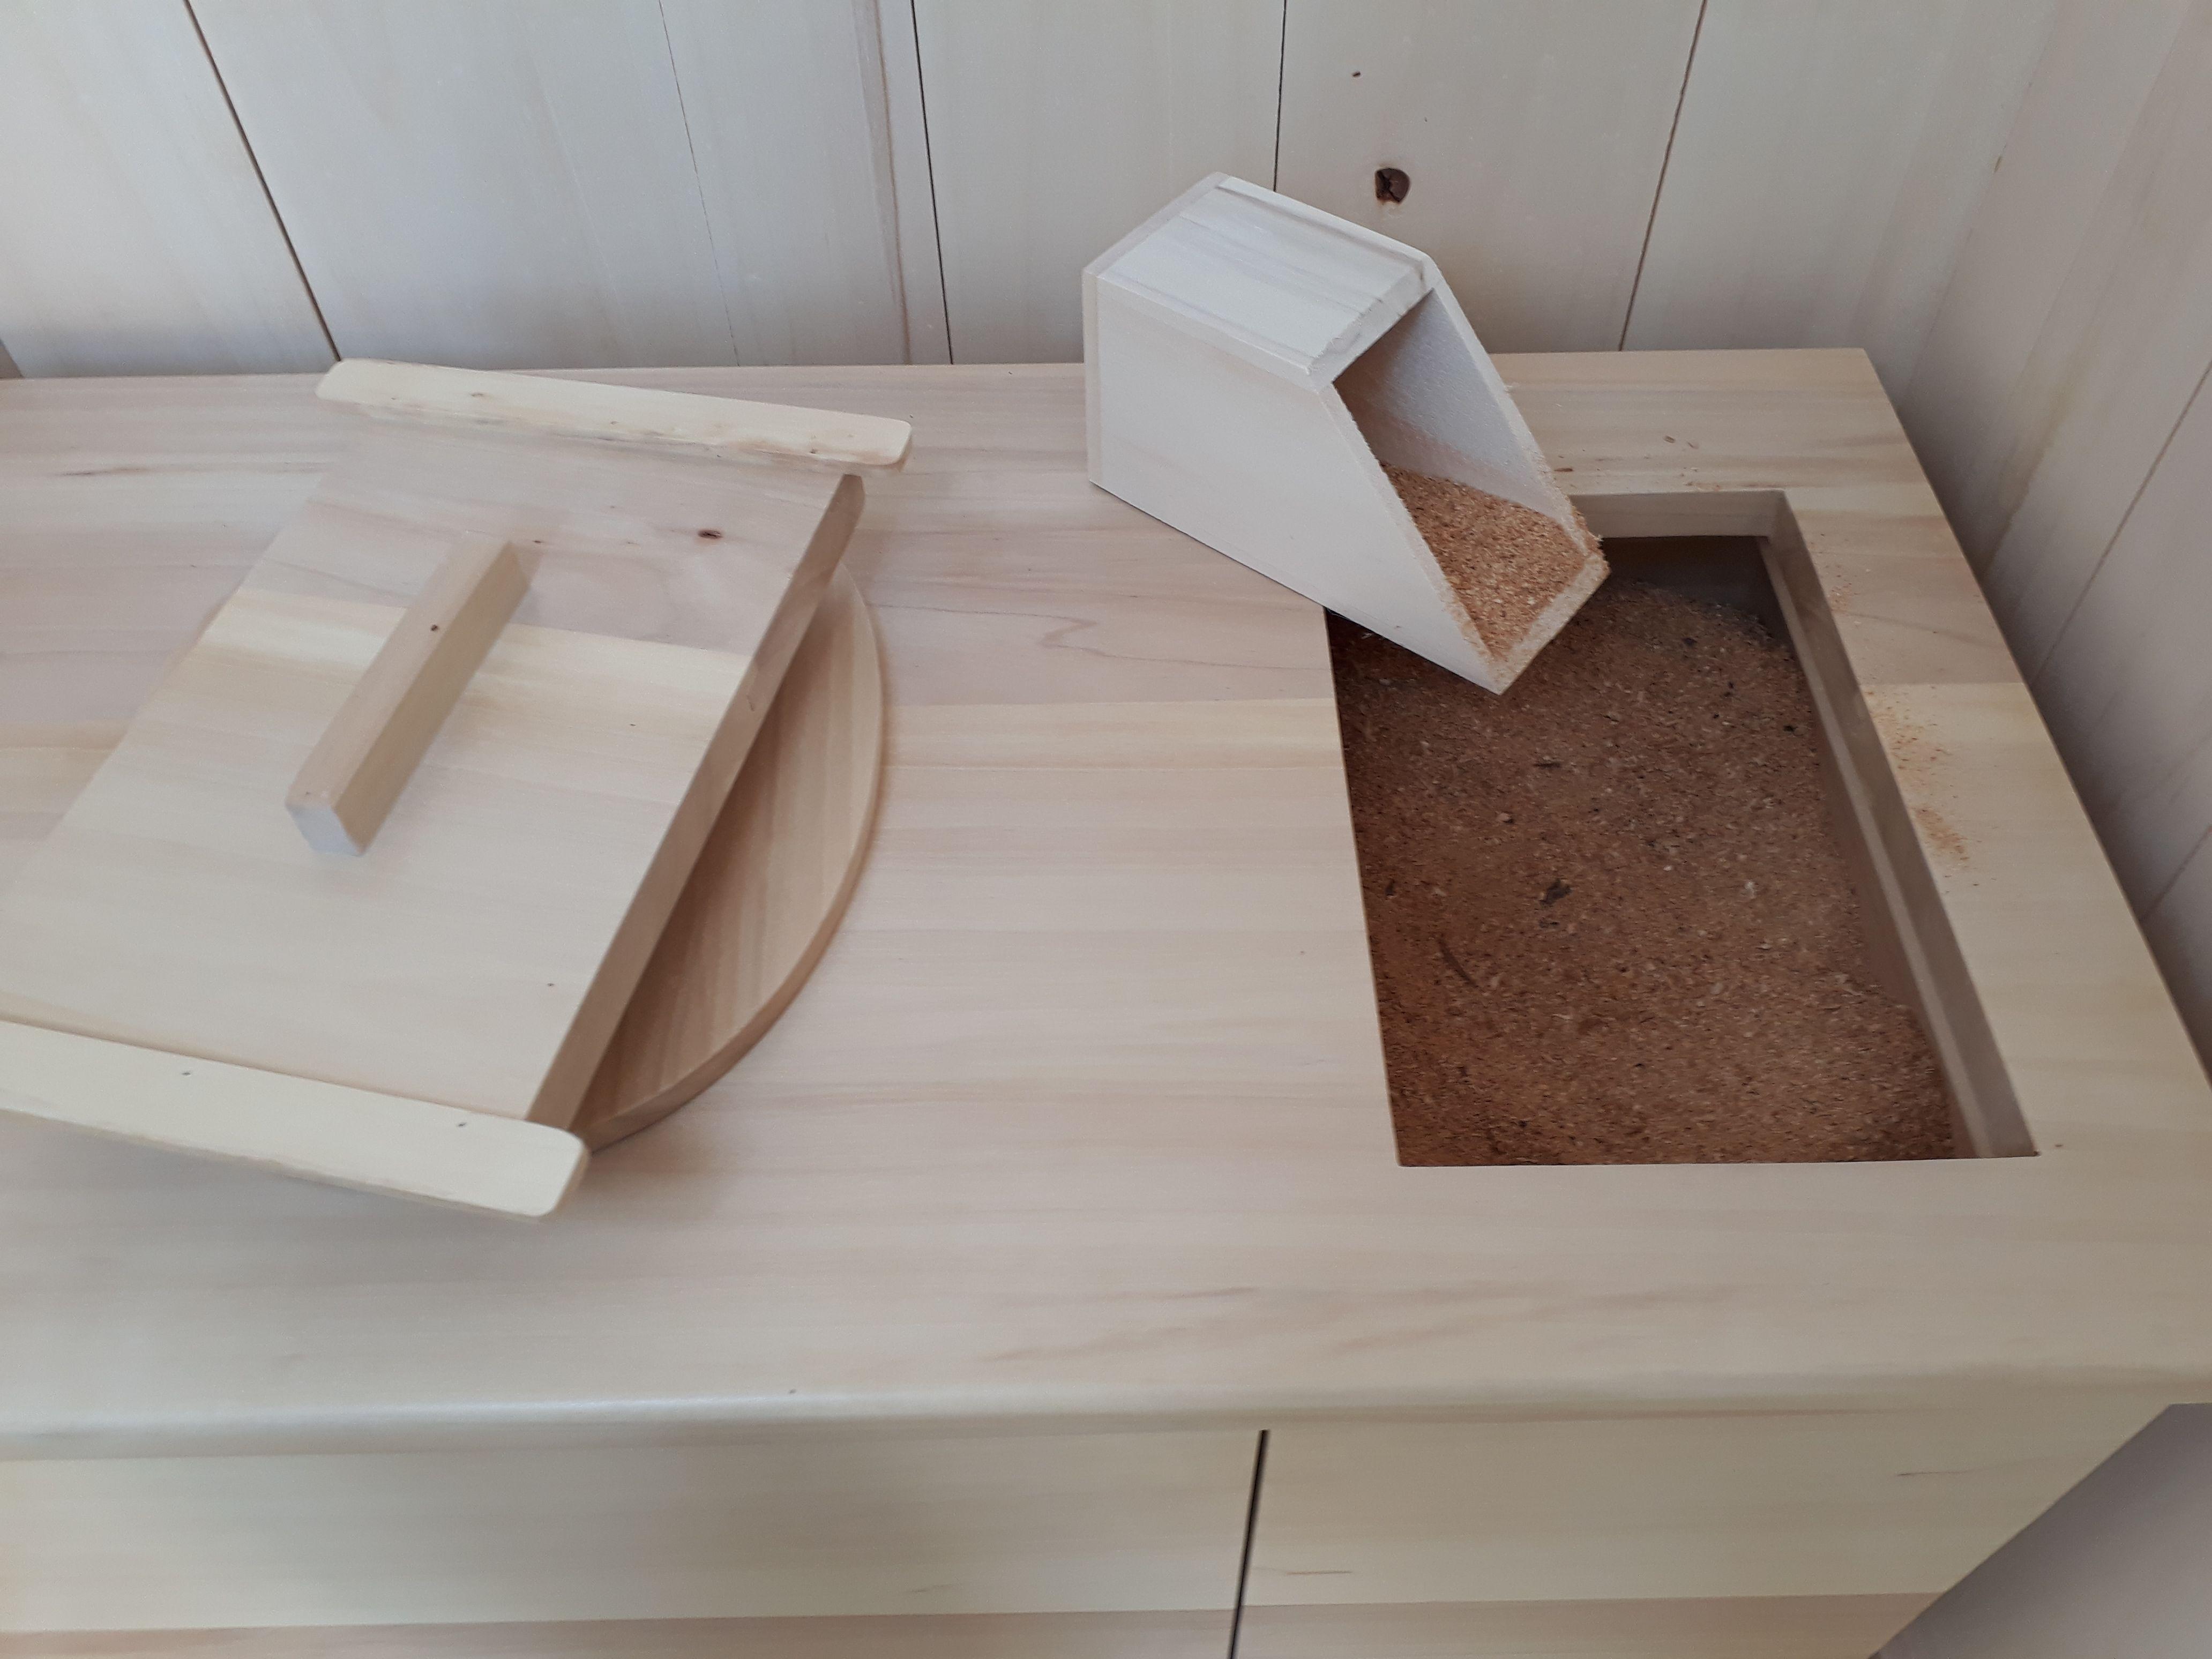 Meuble Toilette Seche A Sciure Pour Cabane Toilette Seche